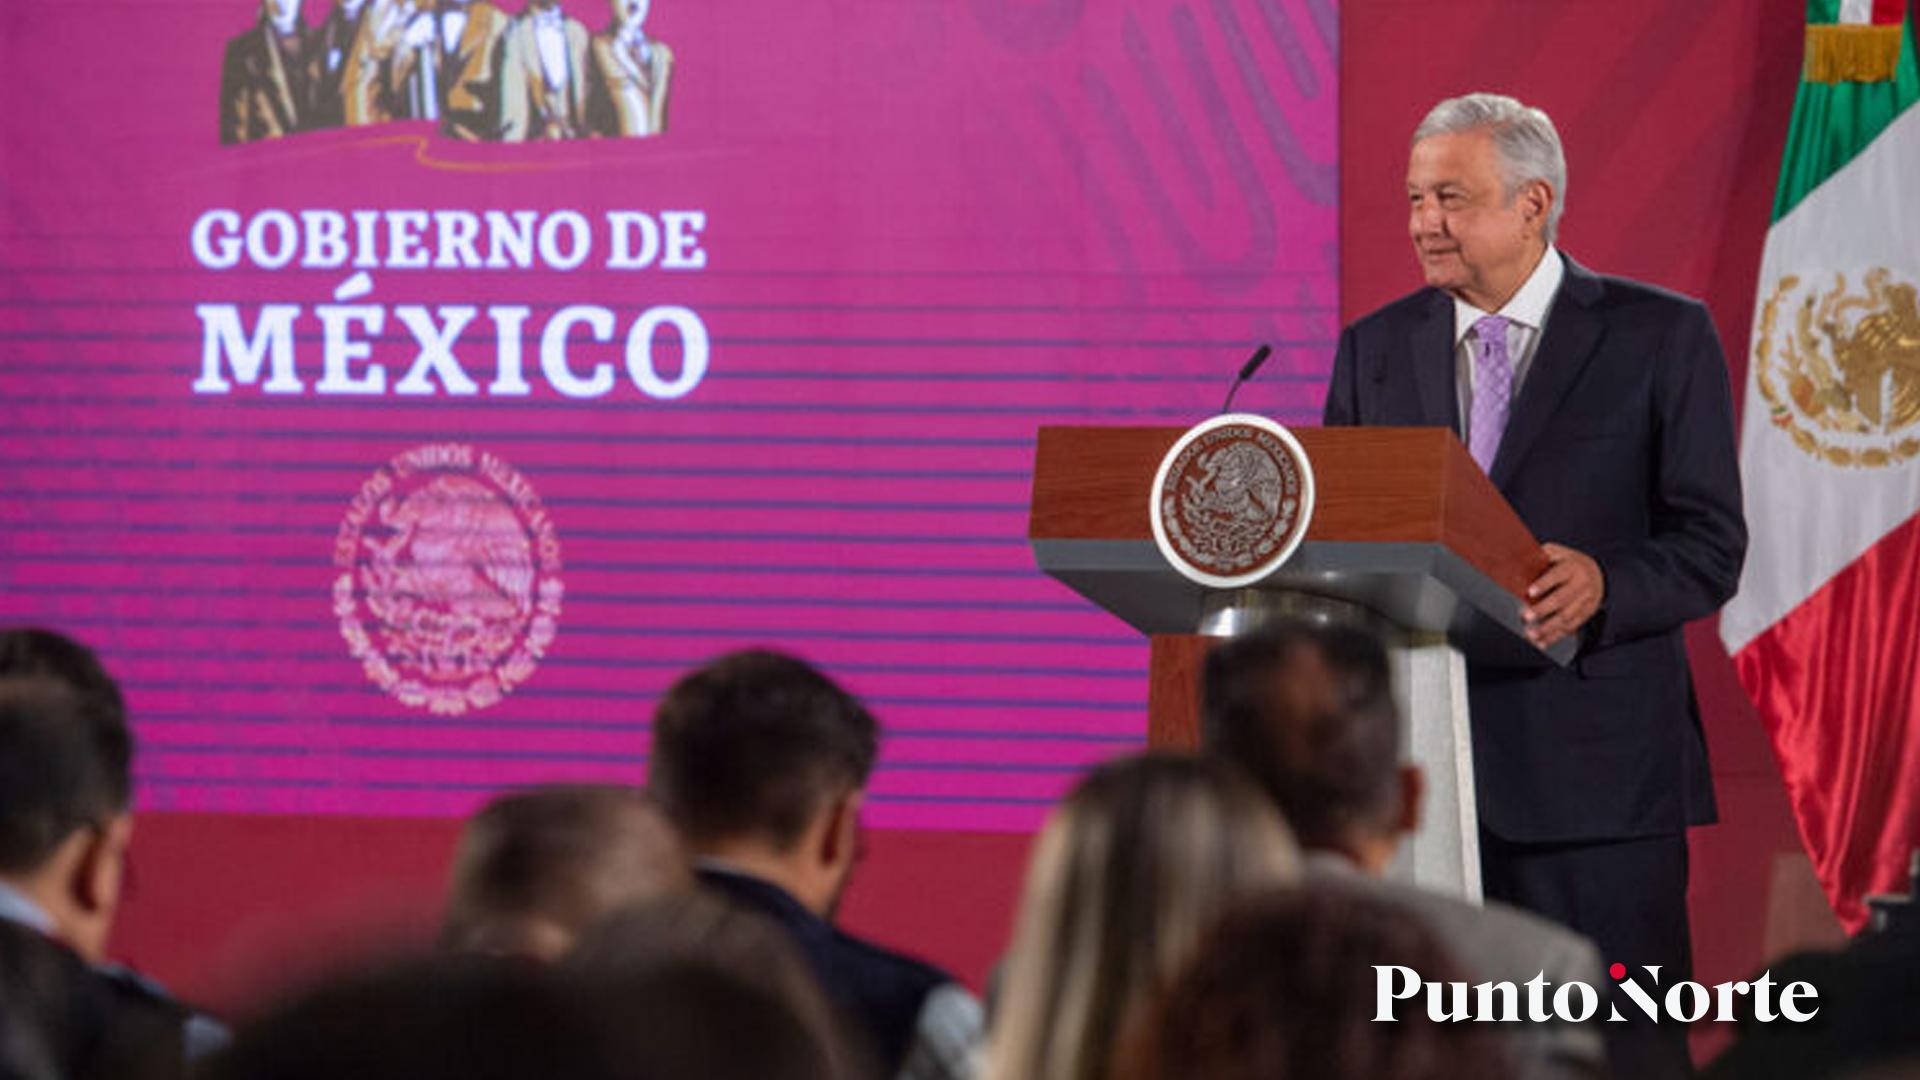 El presidente visitará Tijuana hasta marzo